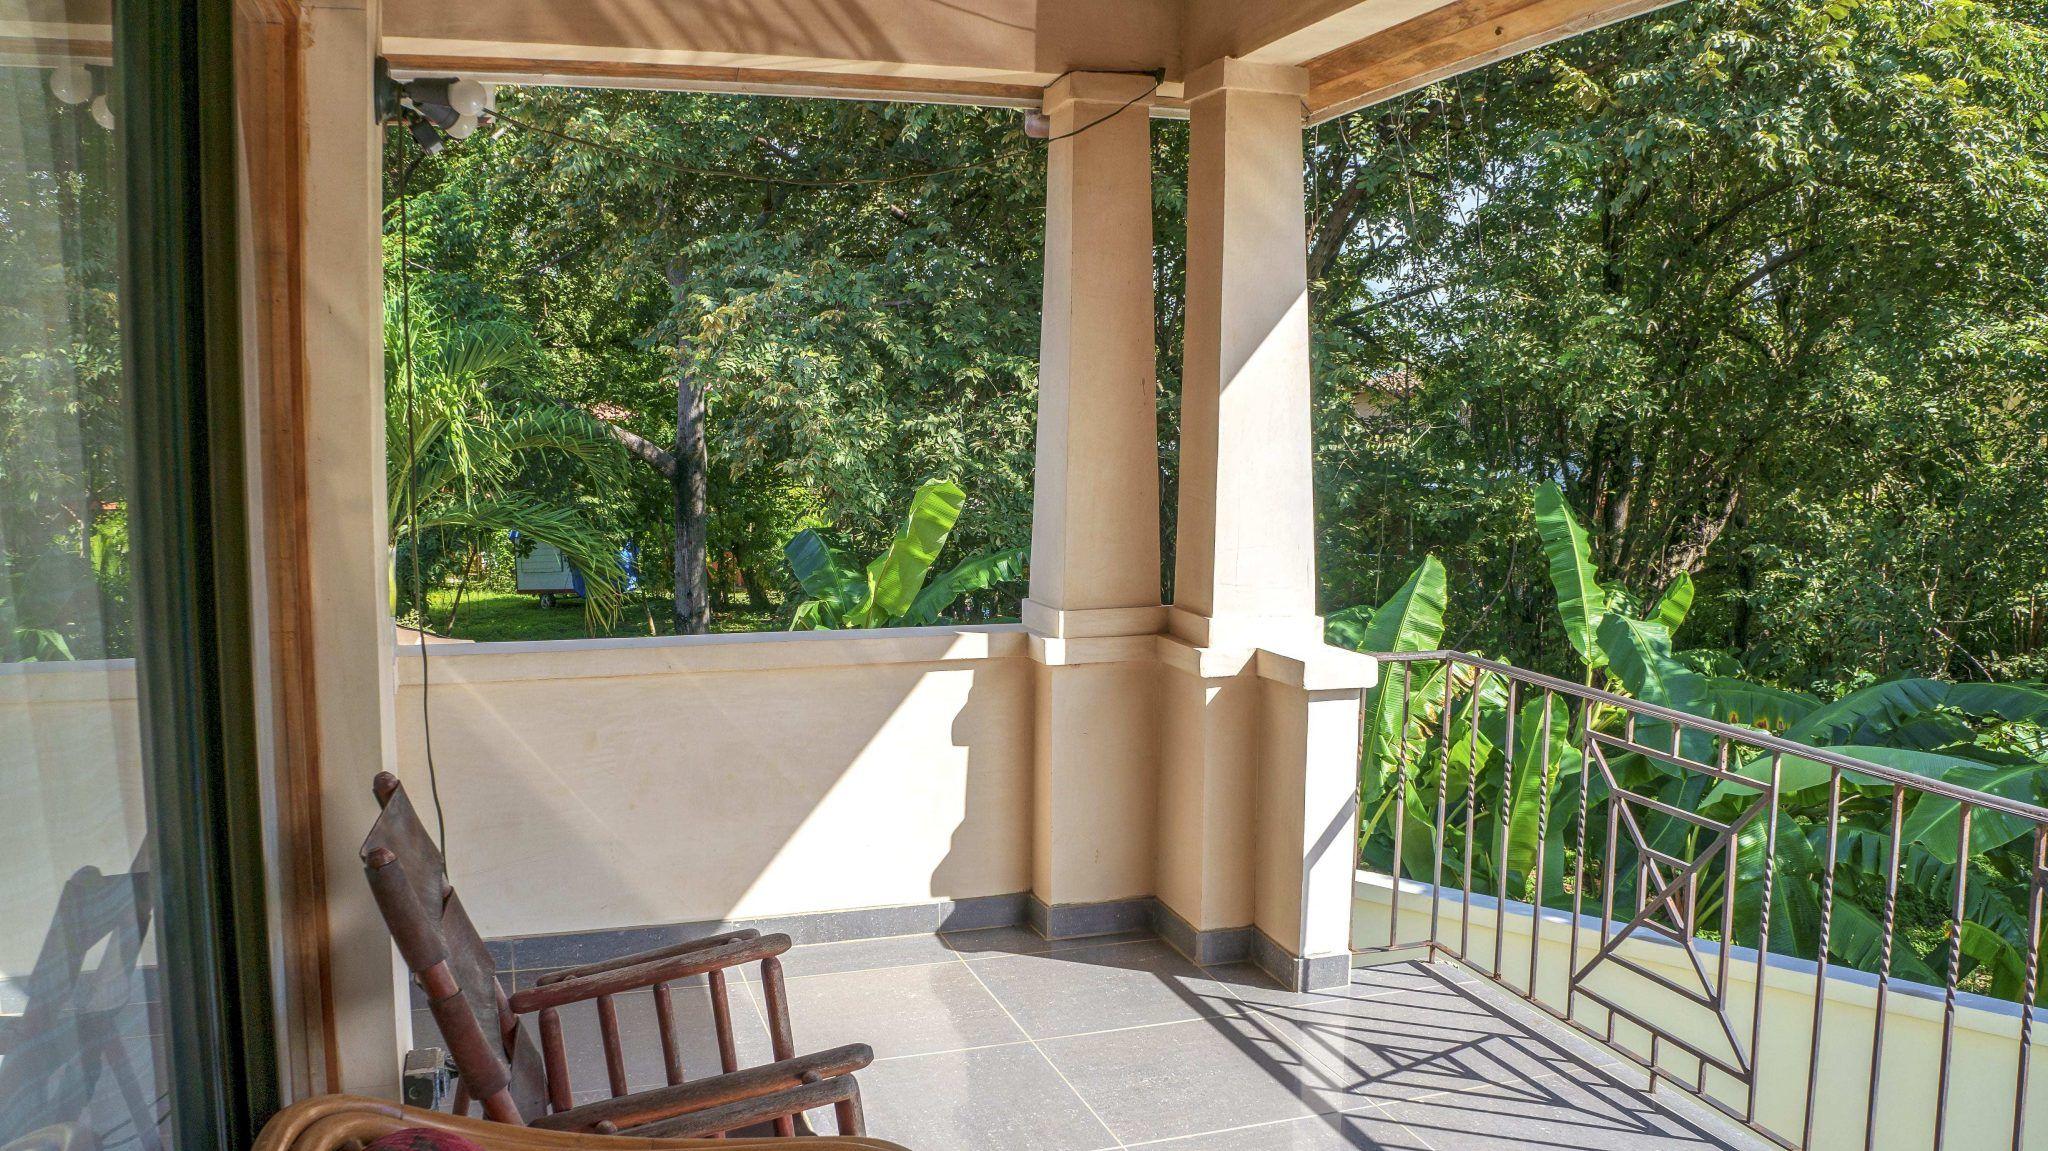 CW2 - Balcony